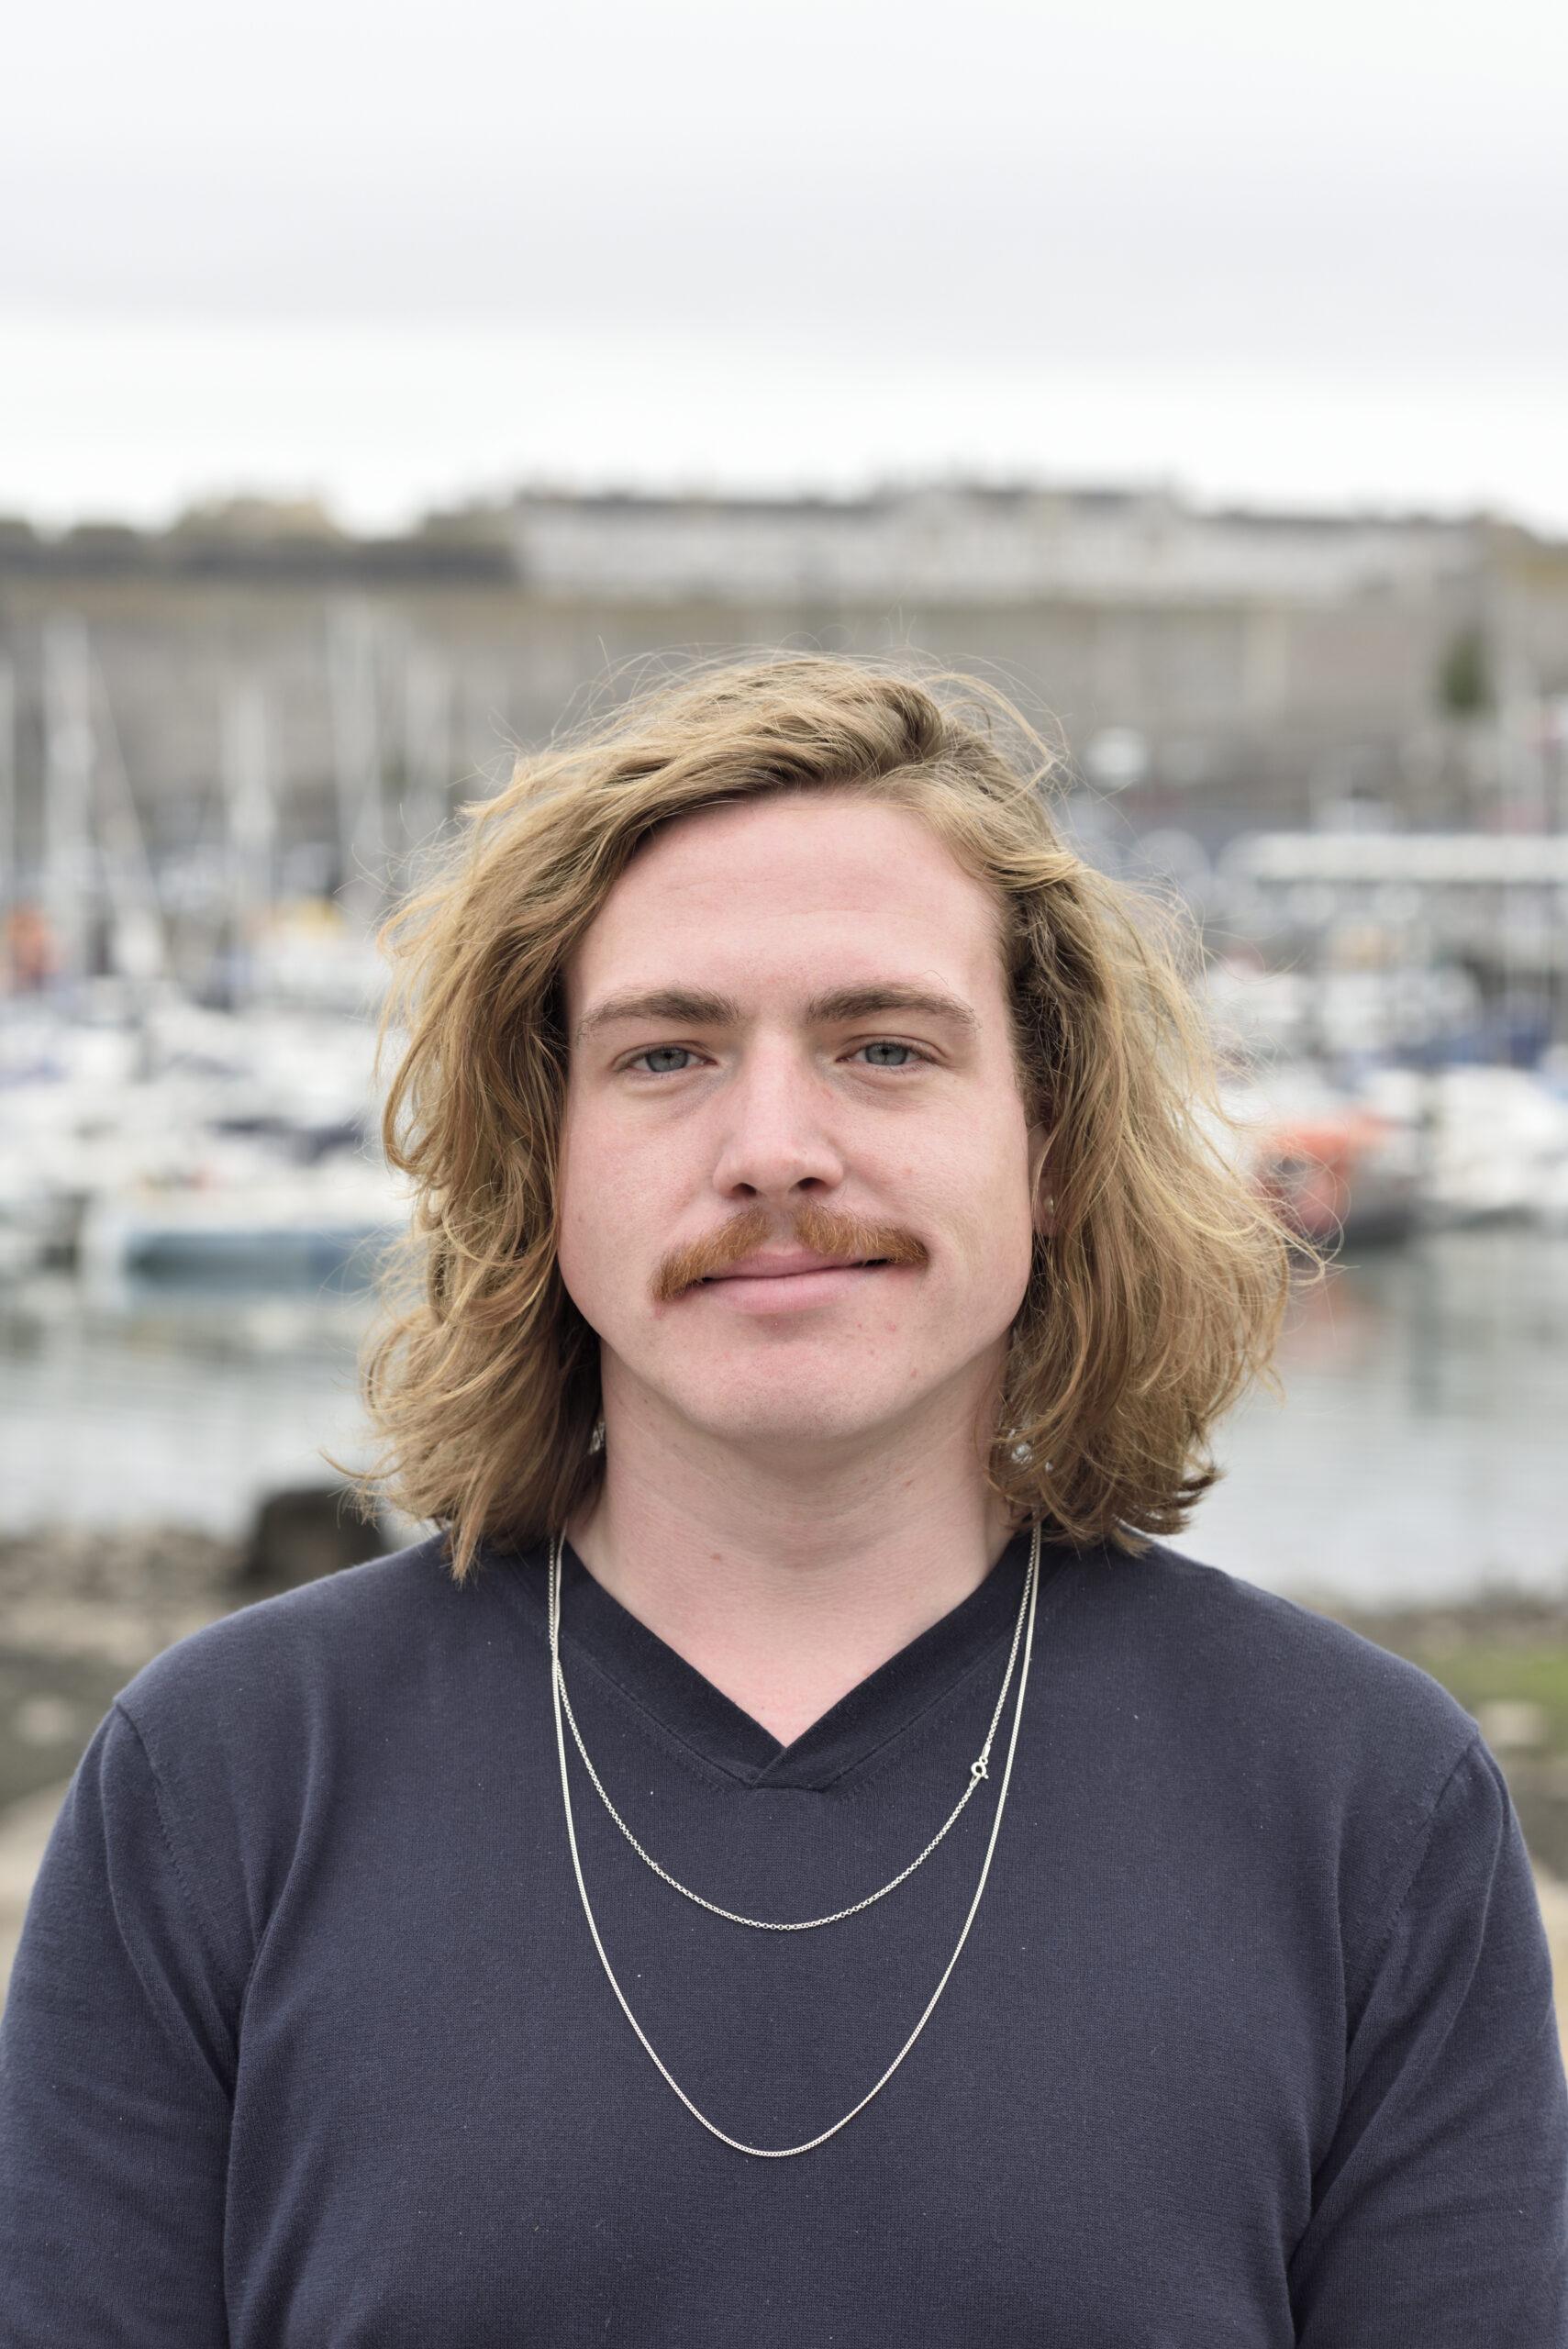 Portrait of Rhys Morgan